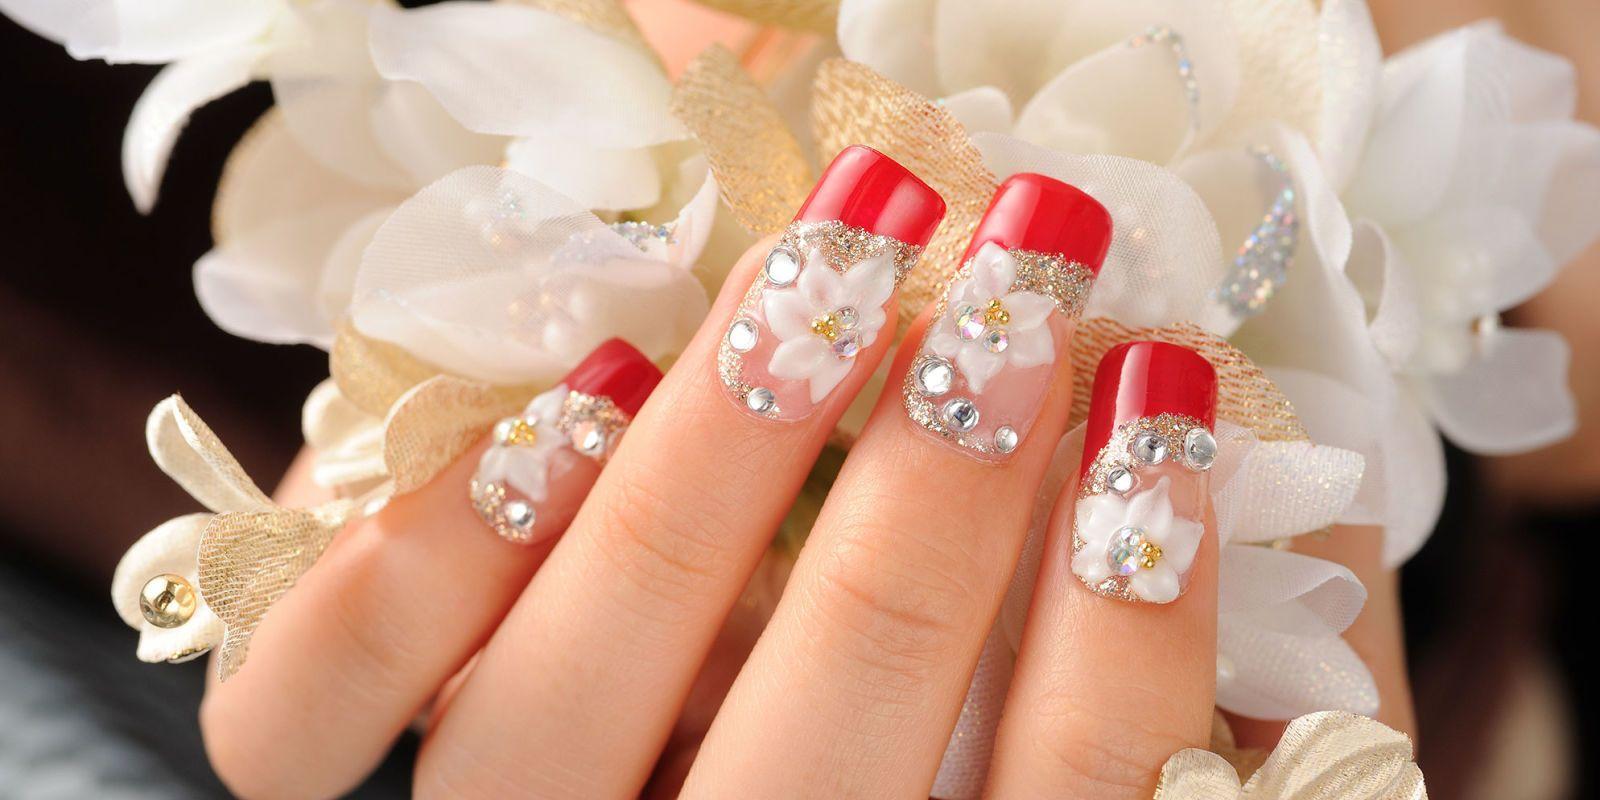 La Nail Art, ovvero l\u0027arte di dipingere le unghie. Nonostante si pensi che  sia una passione estremamente moderna, la nascita della Nail Art è da  ricercarsi